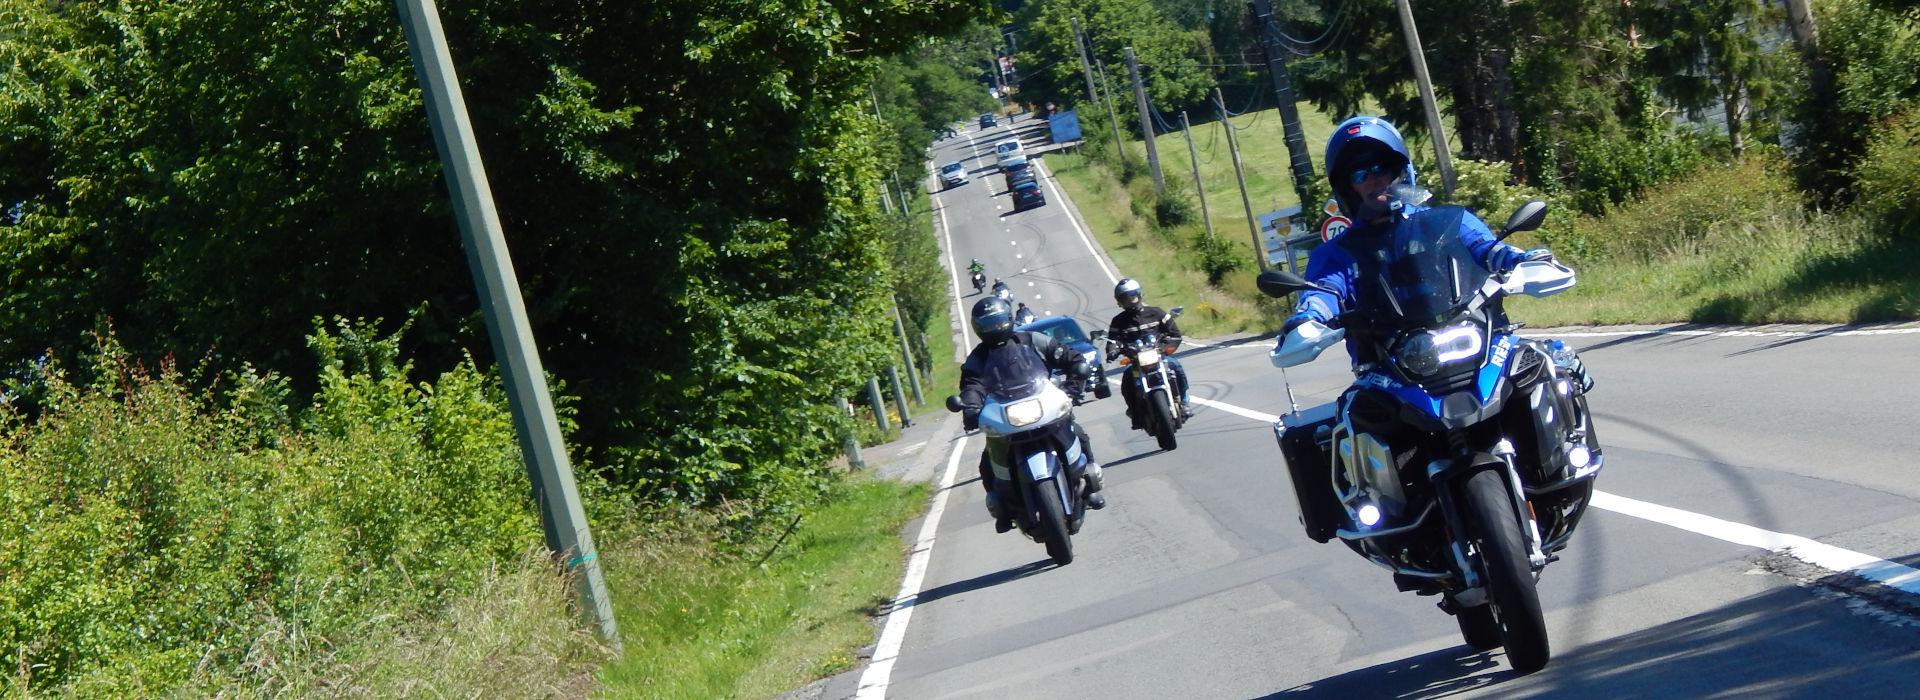 Motorrijbewijspoint Zeist motorrijcholen